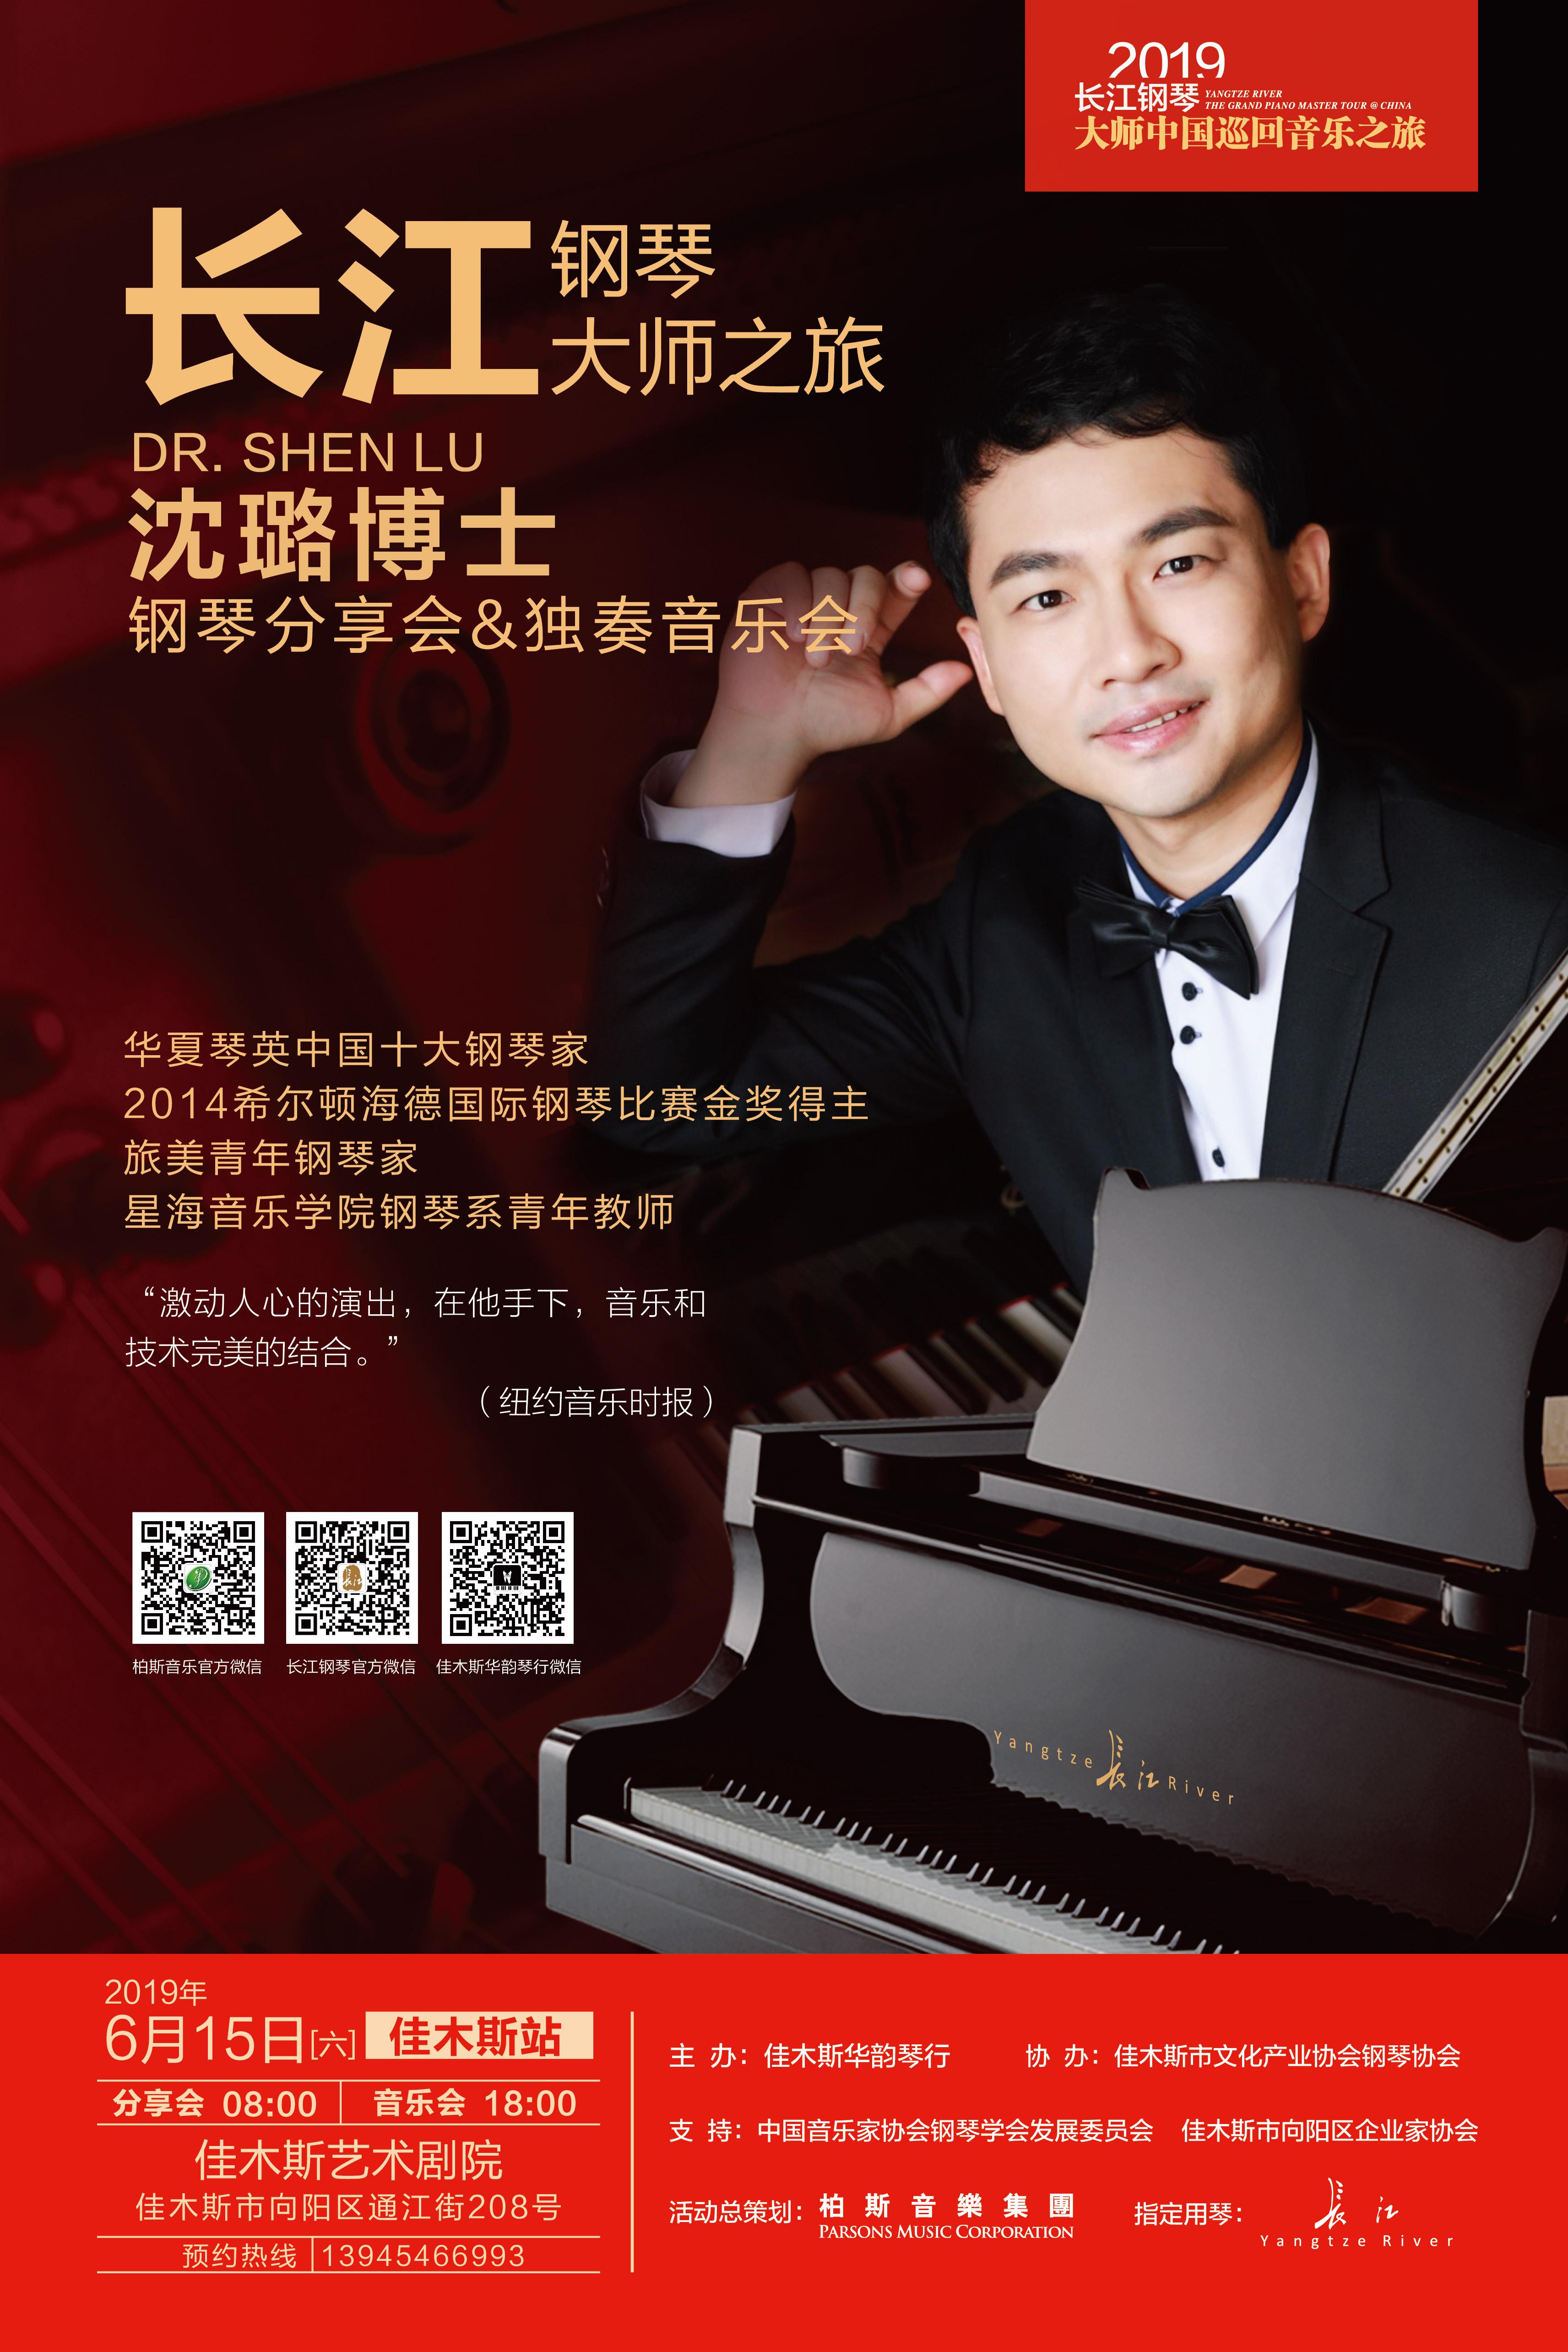 华夏琴英沈璐博士2019长江钢琴大师之旅即将启航6月乐响海口、佳木斯